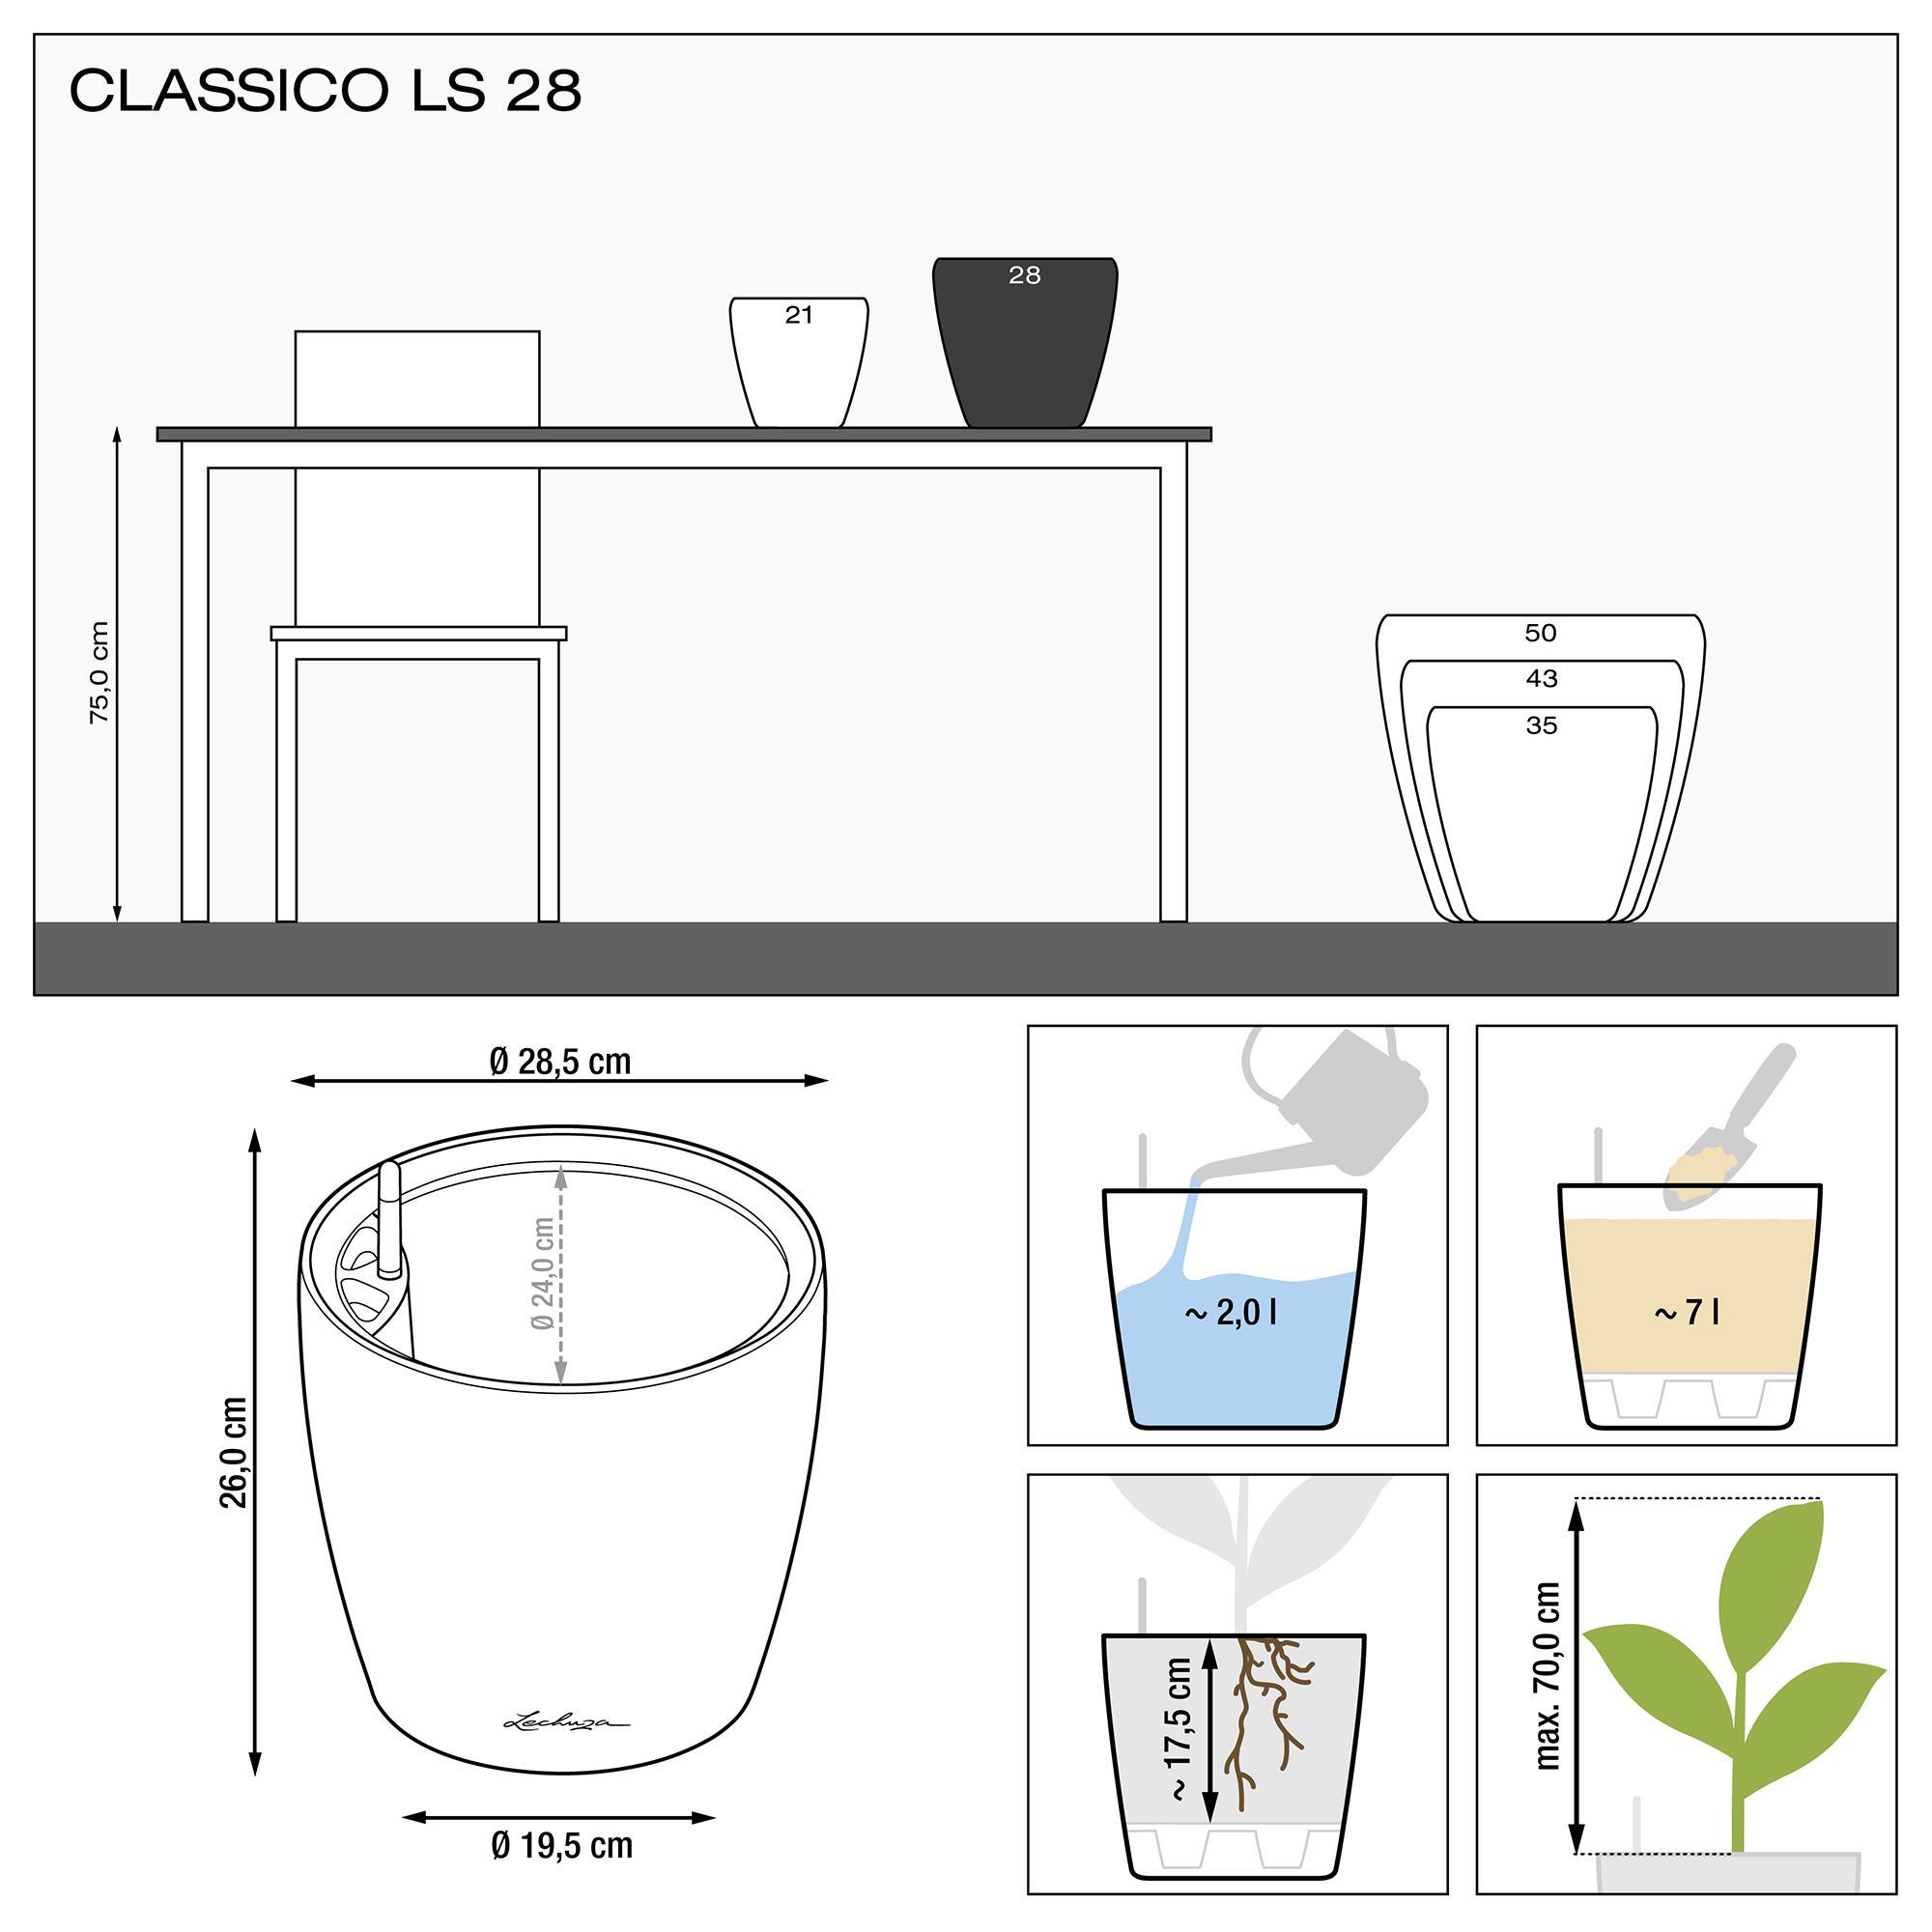 CLASSICO LS 28 anthracite métallisé - Image 3